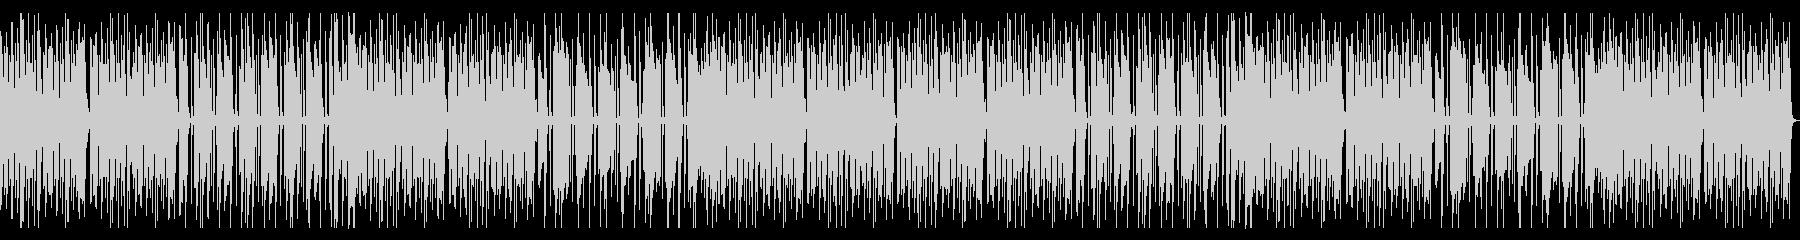 日常会話シーン、シンプルピアノ、ほんわかの未再生の波形